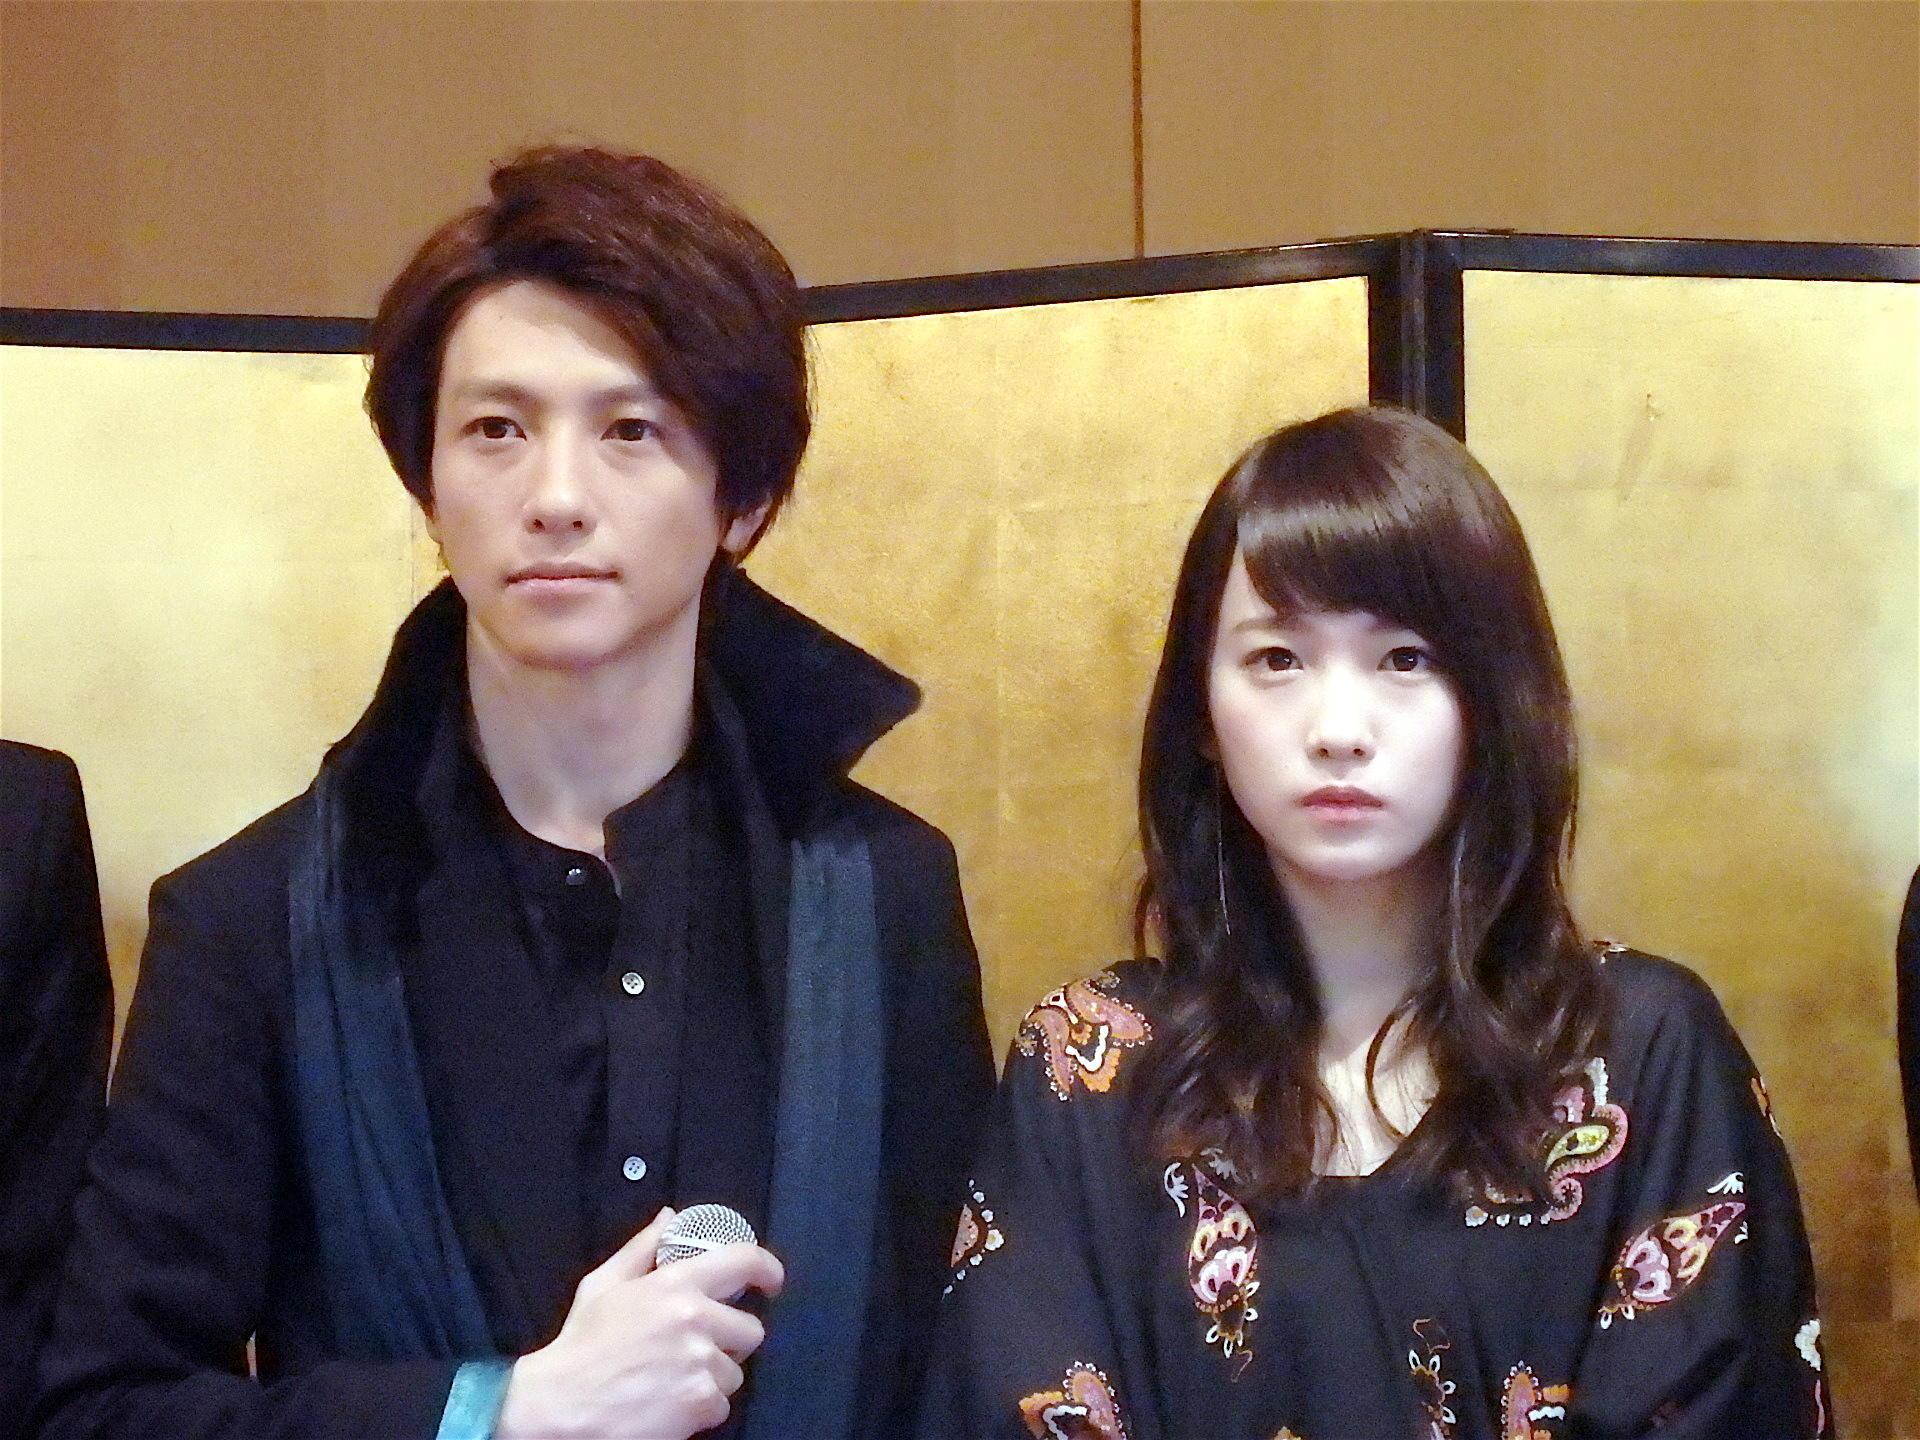 http://news.yoshimoto.co.jp/20160930192821-6c8dab1434254dafef51e00ce8594ec291f43d91.jpg